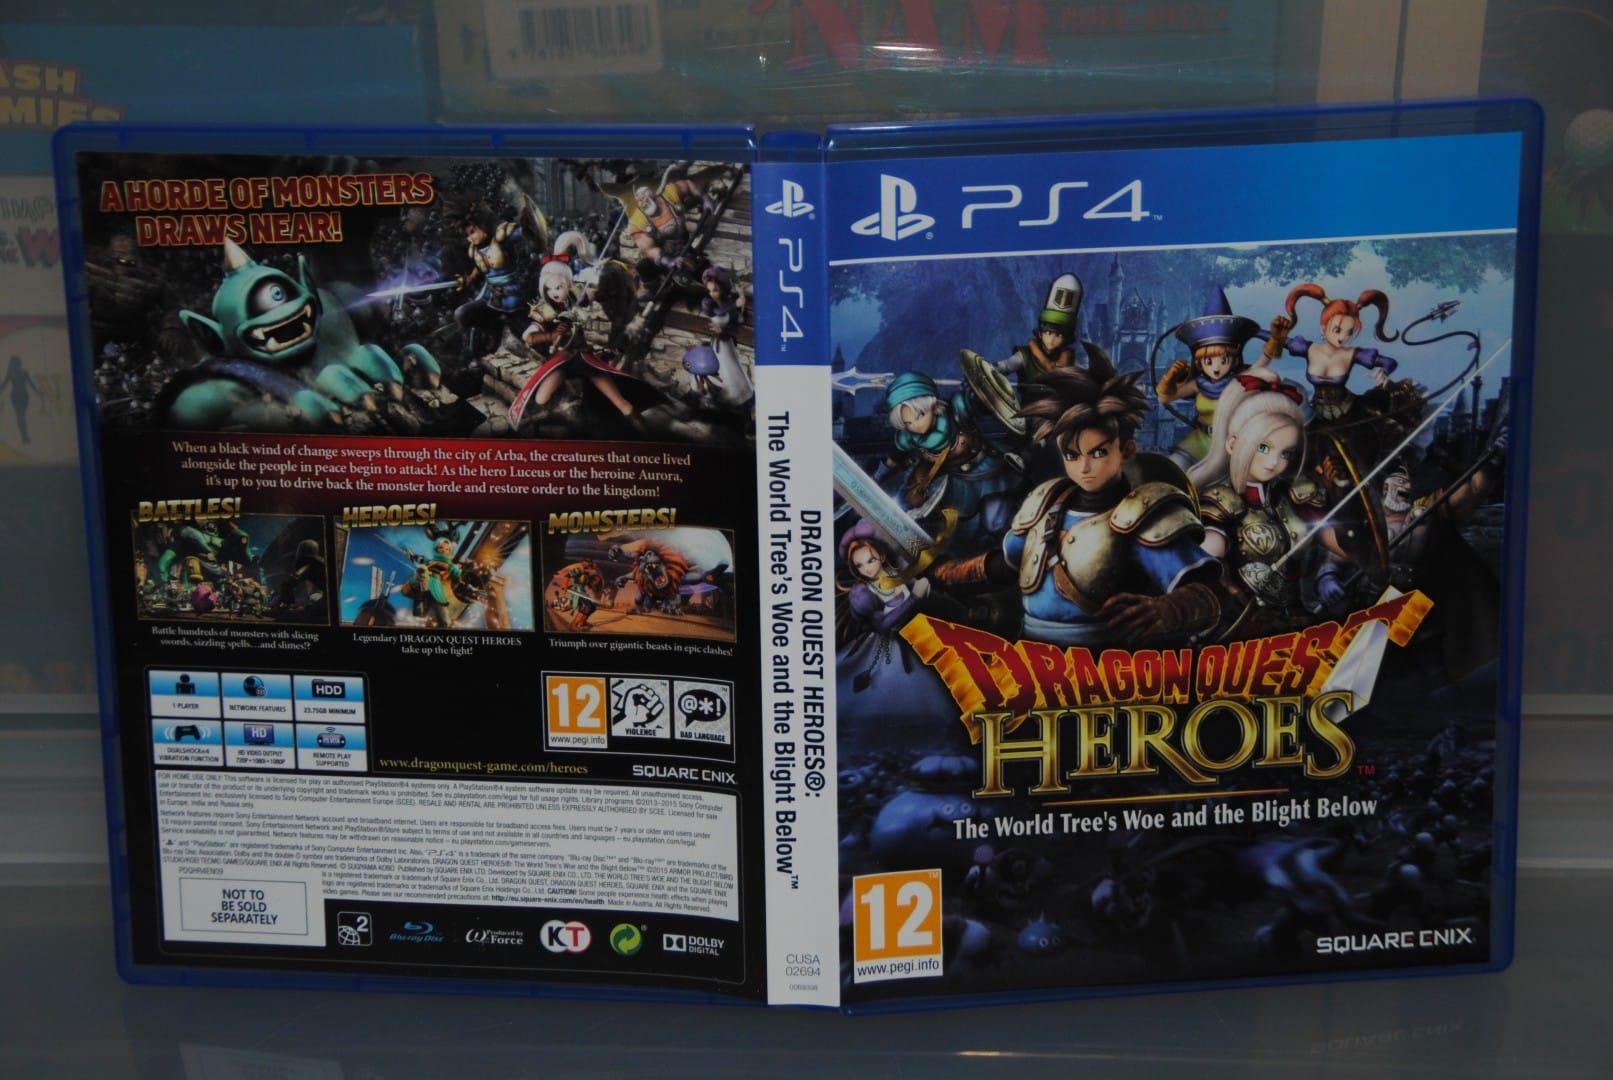 Dragon Quest Heroes, No steelbook?? WTF